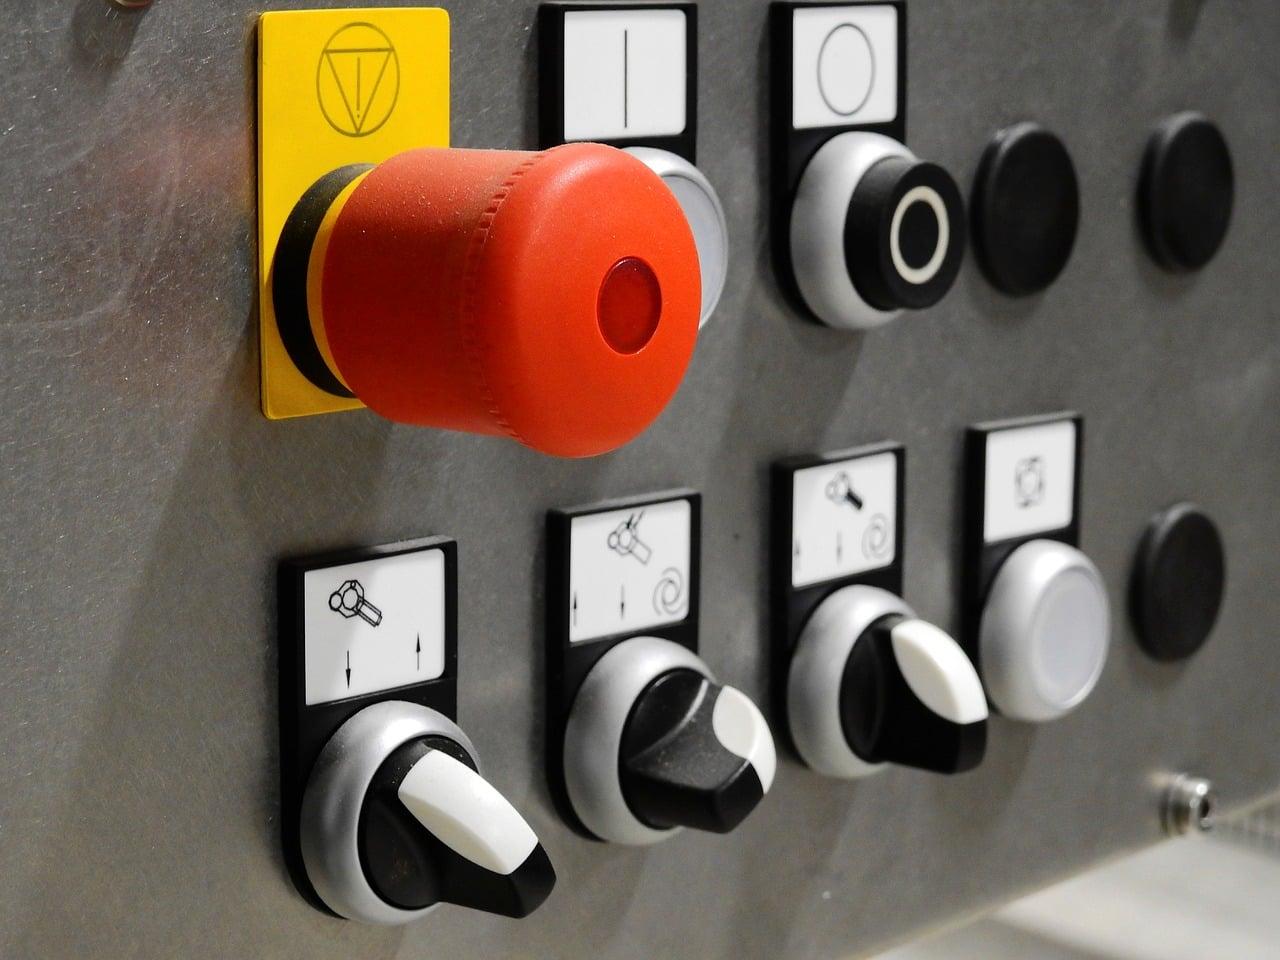 L'uso di segnali dinamici nella sicurezza macchine: un risparmio sui costi per i costruttori di macchine.